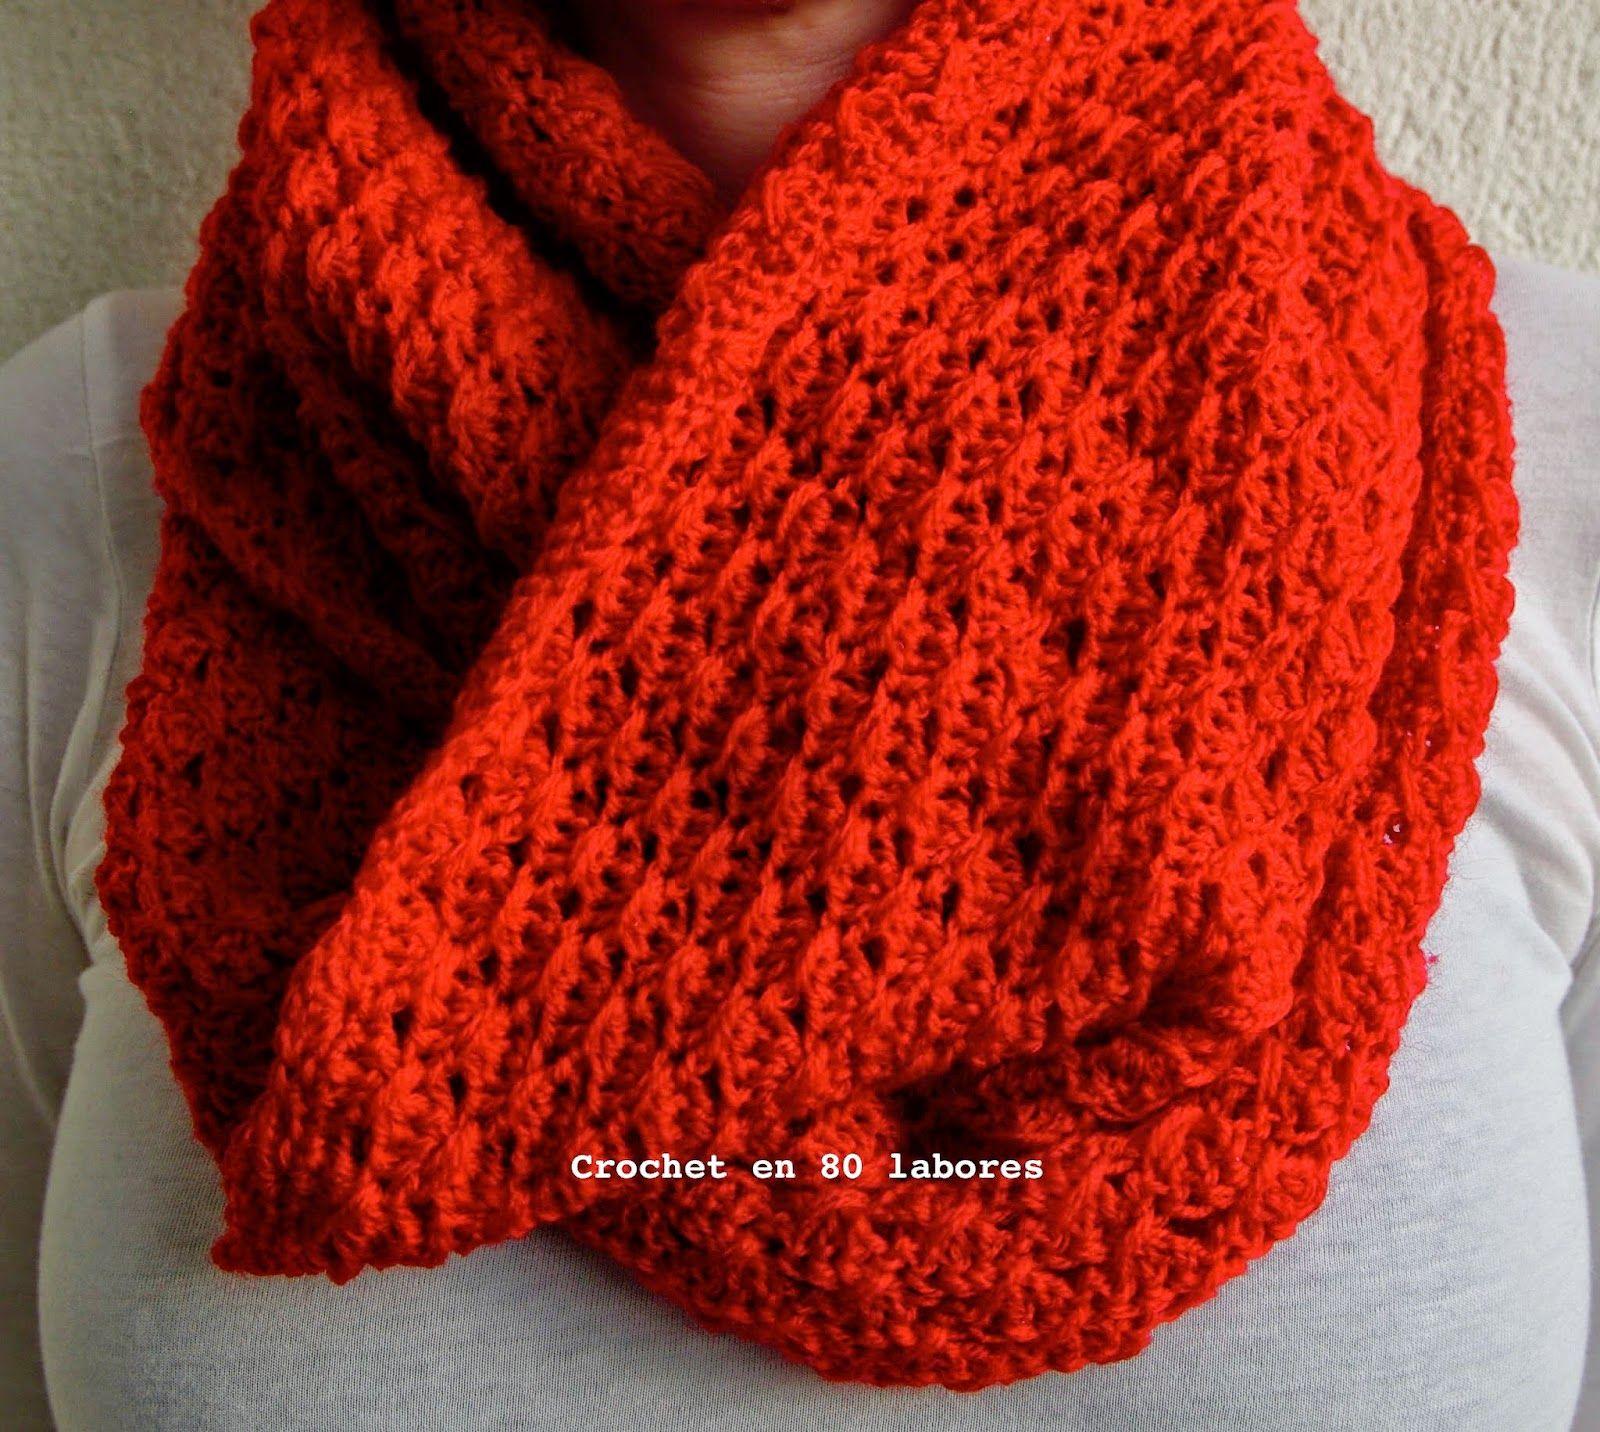 Crochet en 80 labores: Bufanda infinita en punto cruzado | Tejido ...